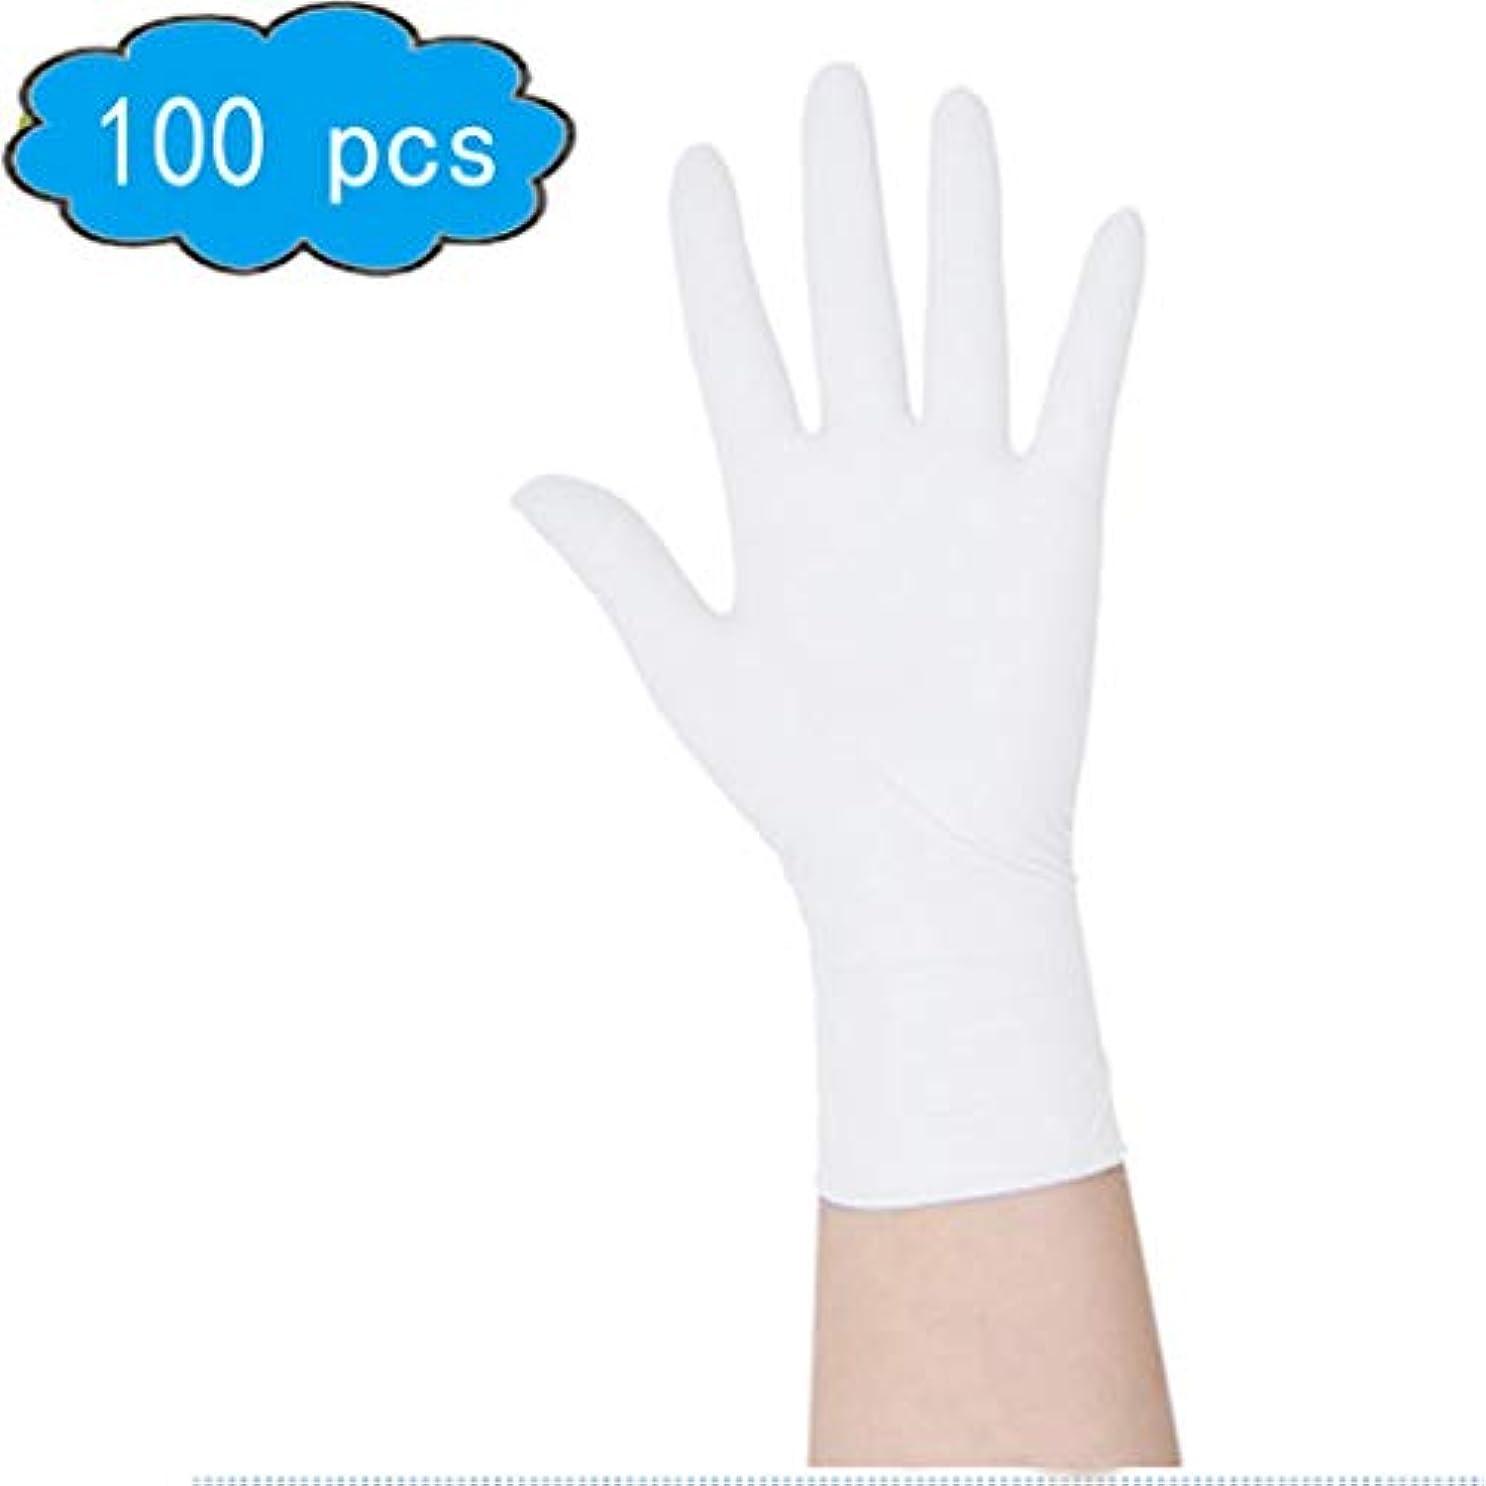 余分な今まで社会主義者使い捨てラテックス検査用手袋、使い捨て、使えるフリーサイズニトリルクリーニンググローブ(100カウント) (Color : White, Size : L)